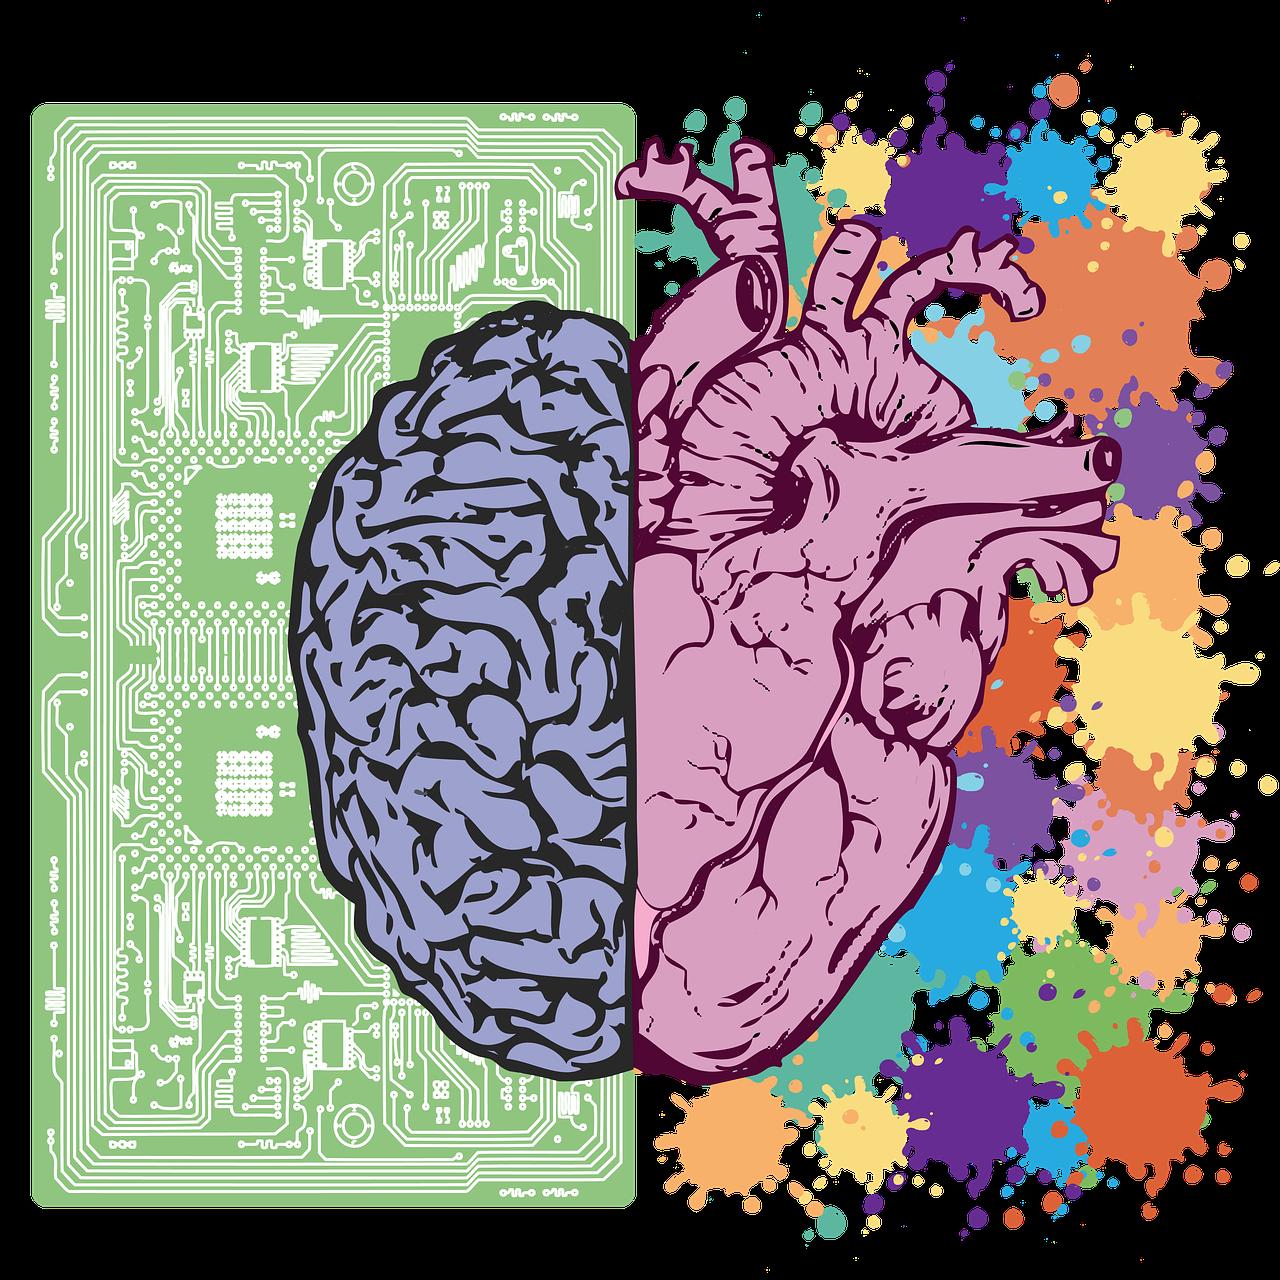 brain, heart, balance